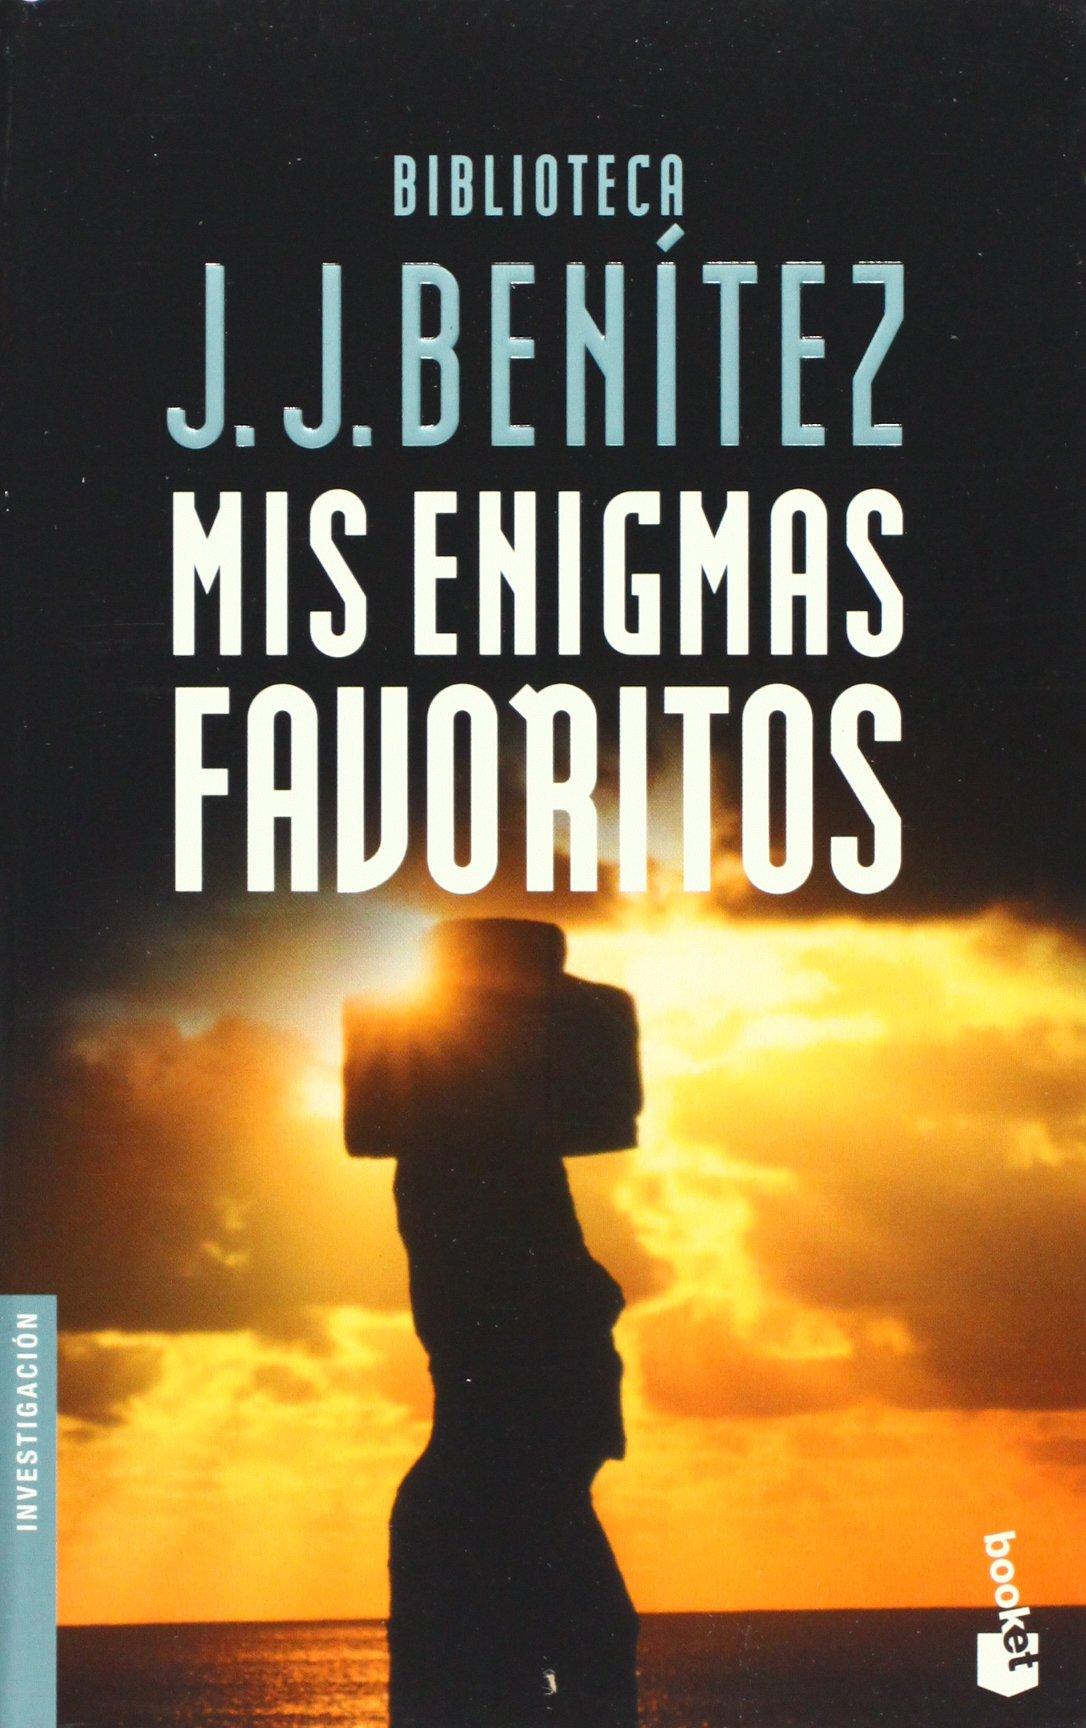 Mis enigmas favoritos (Biblioteca J. J. Benítez): Amazon.es: J.J. ...